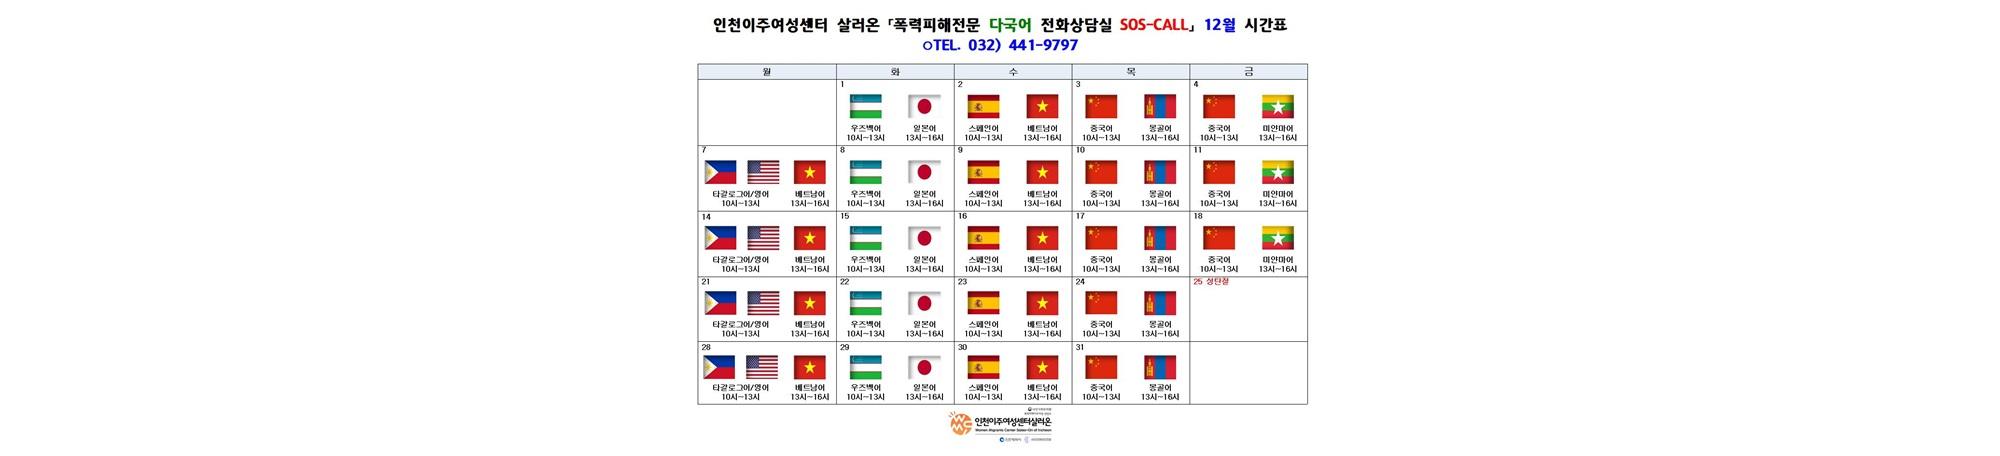 「폭력피해전문 다국어 전화상담실 SOS-CALL」 12월 시간표